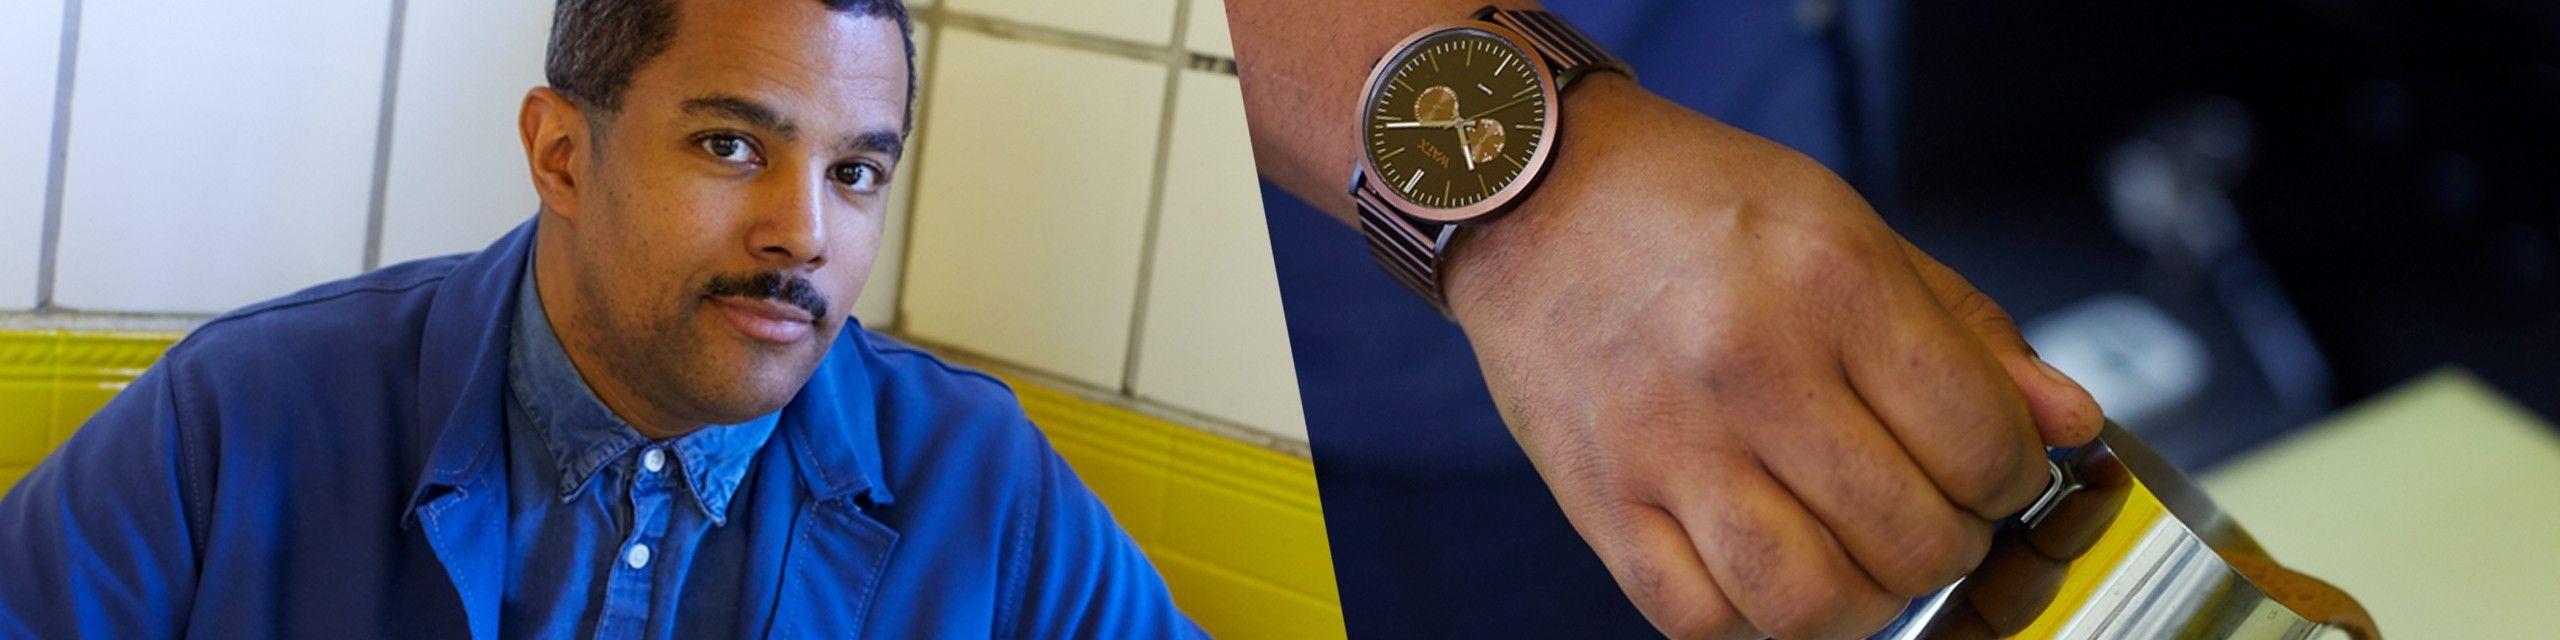 Loja online de relógios metálicos para homem - Watx Portugal